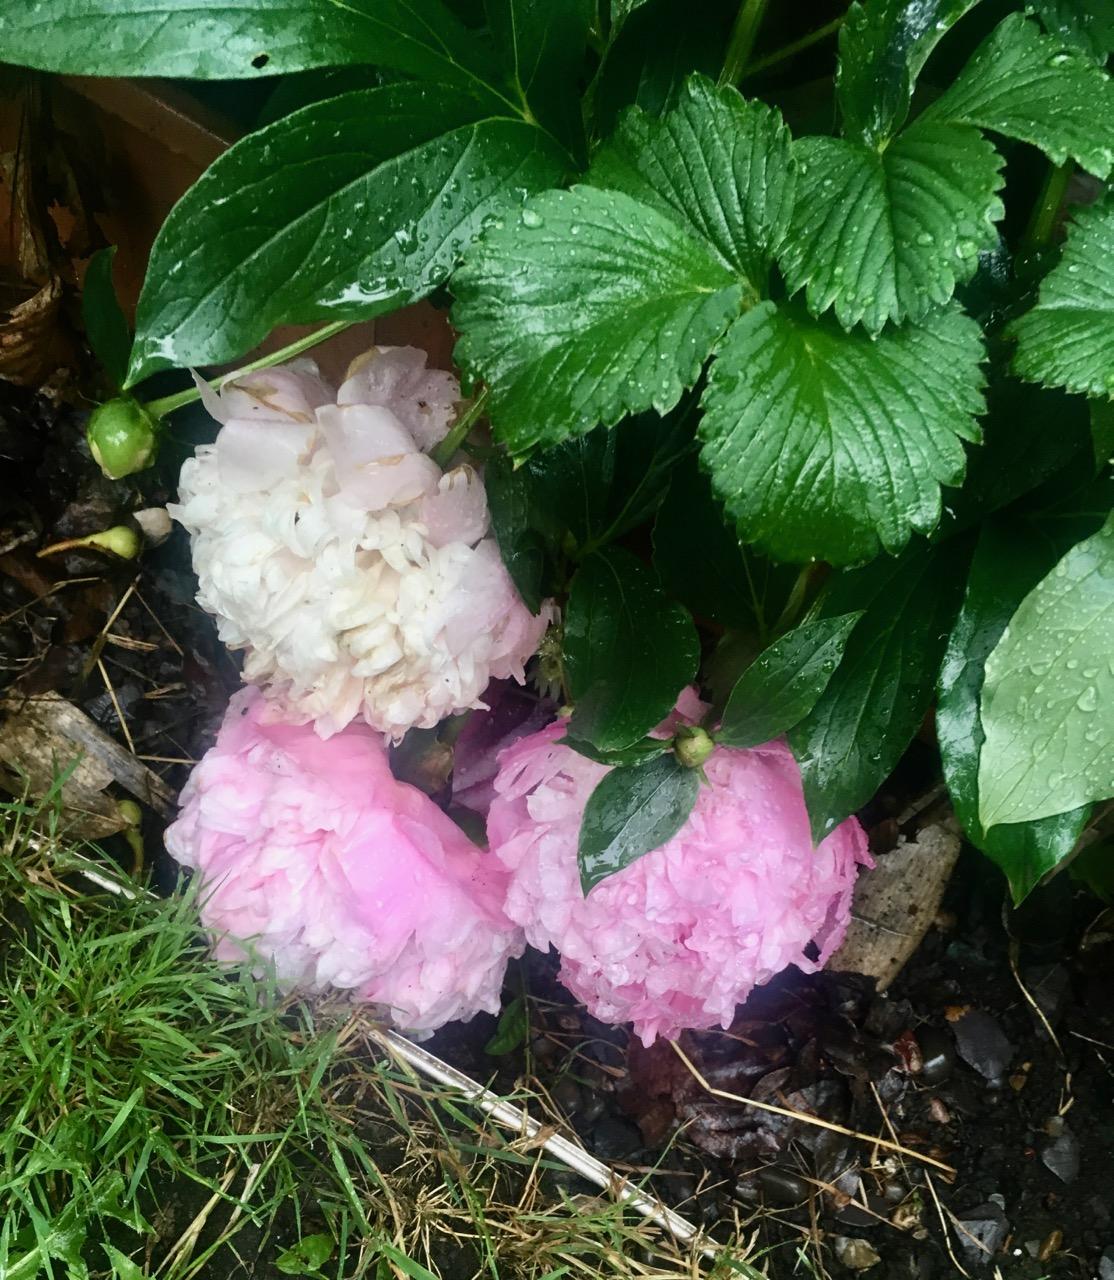 peonies cowering in the rain